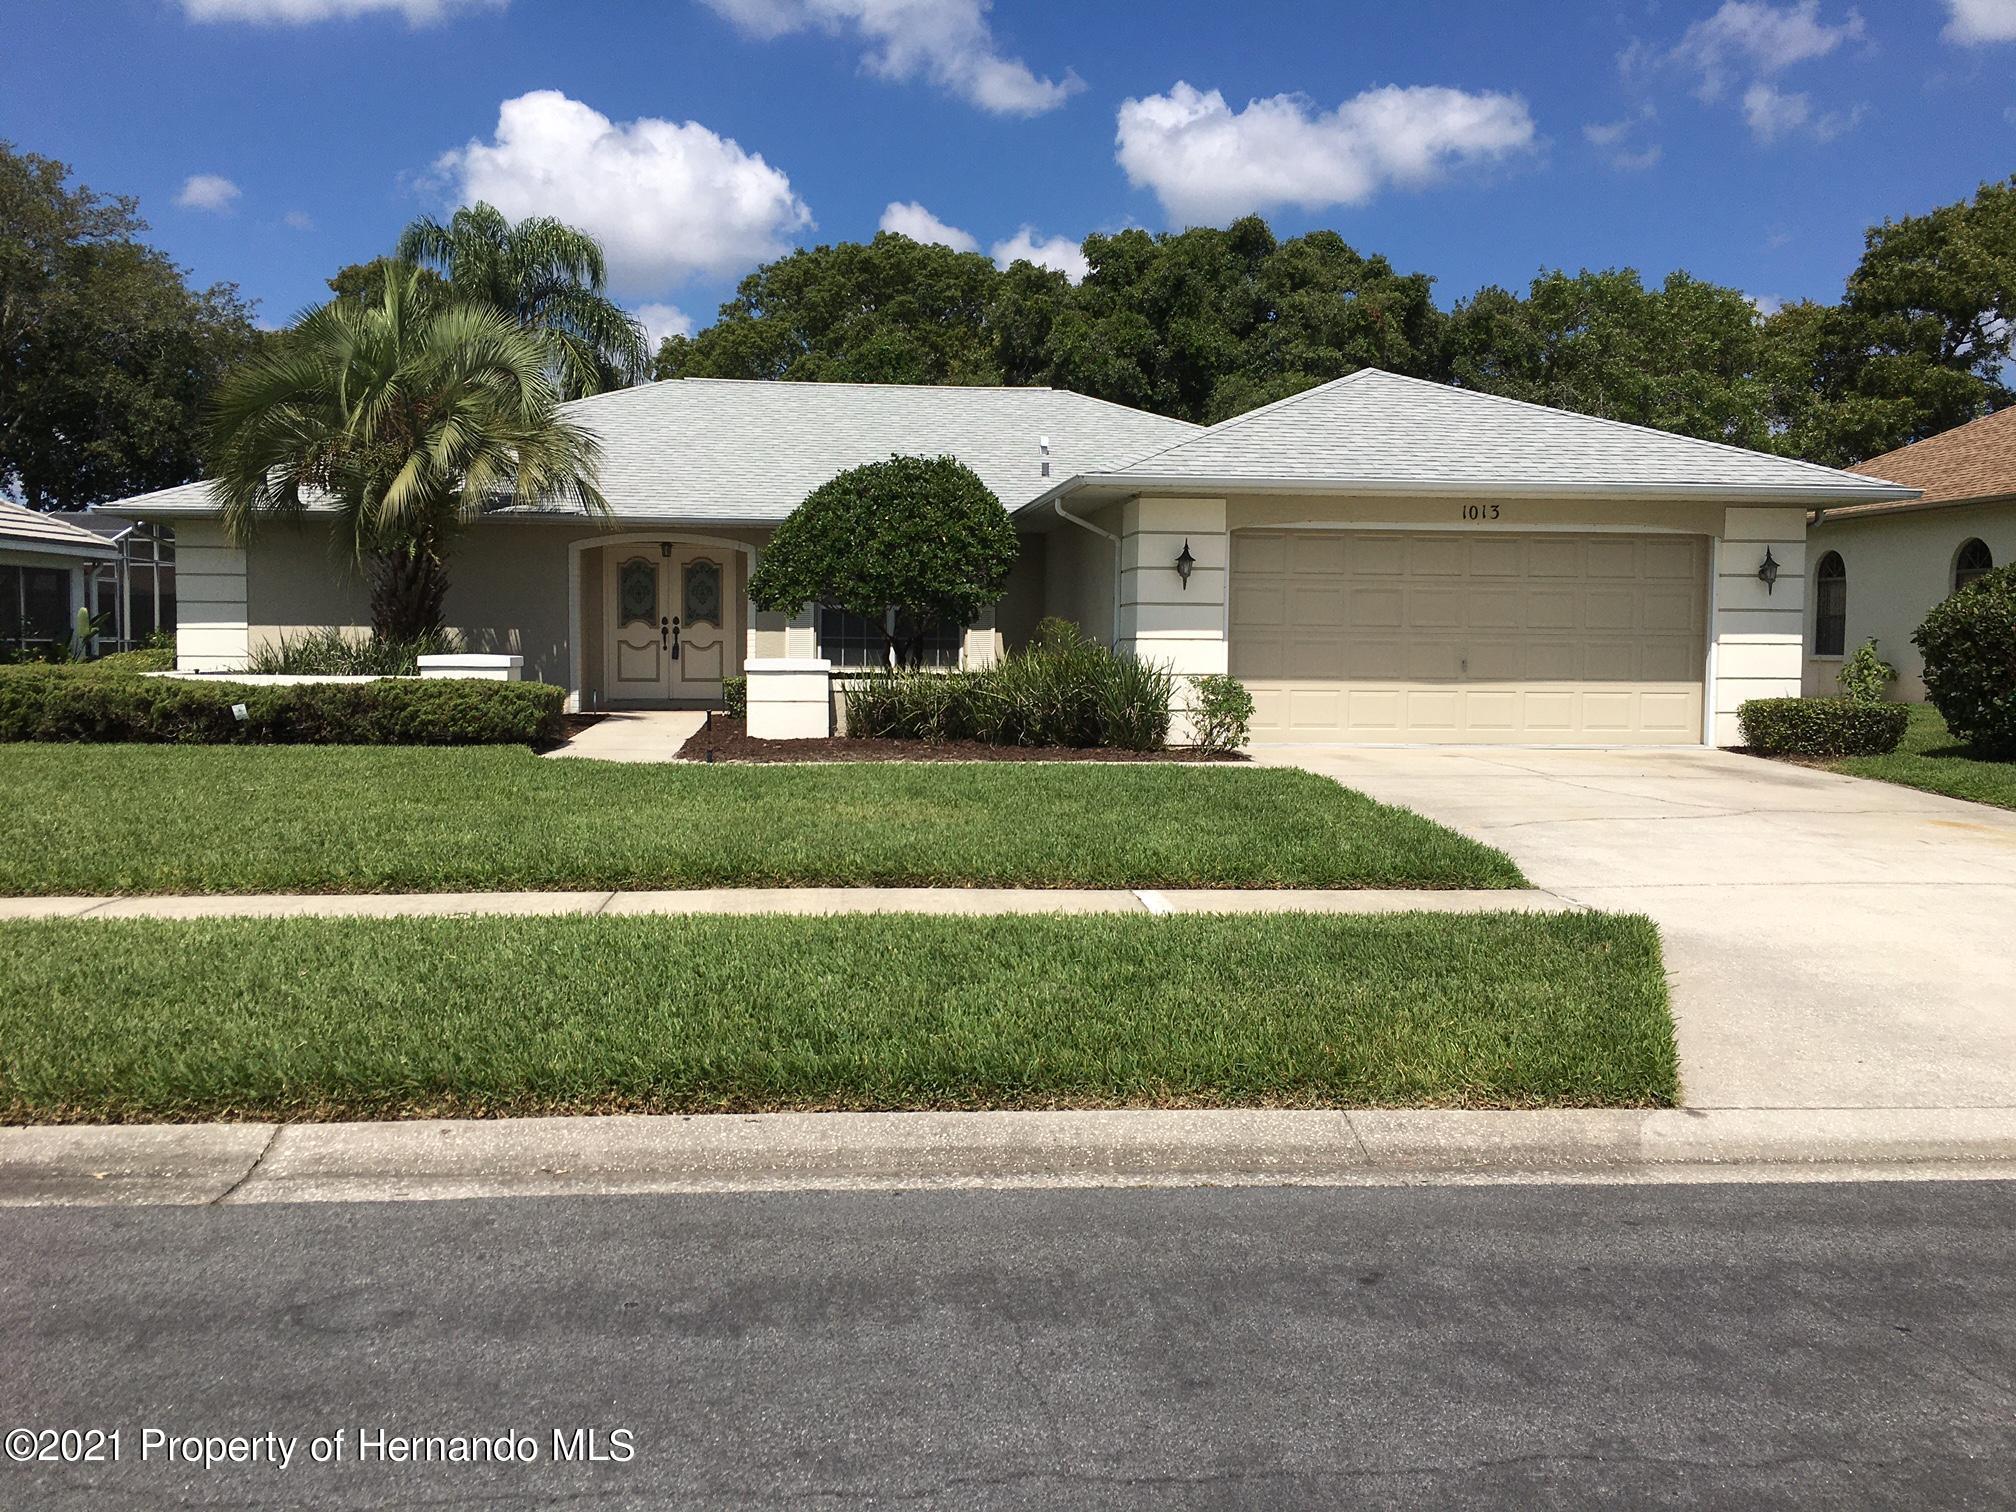 Details for 1013 Greenturf Road, Spring Hill, FL 34608